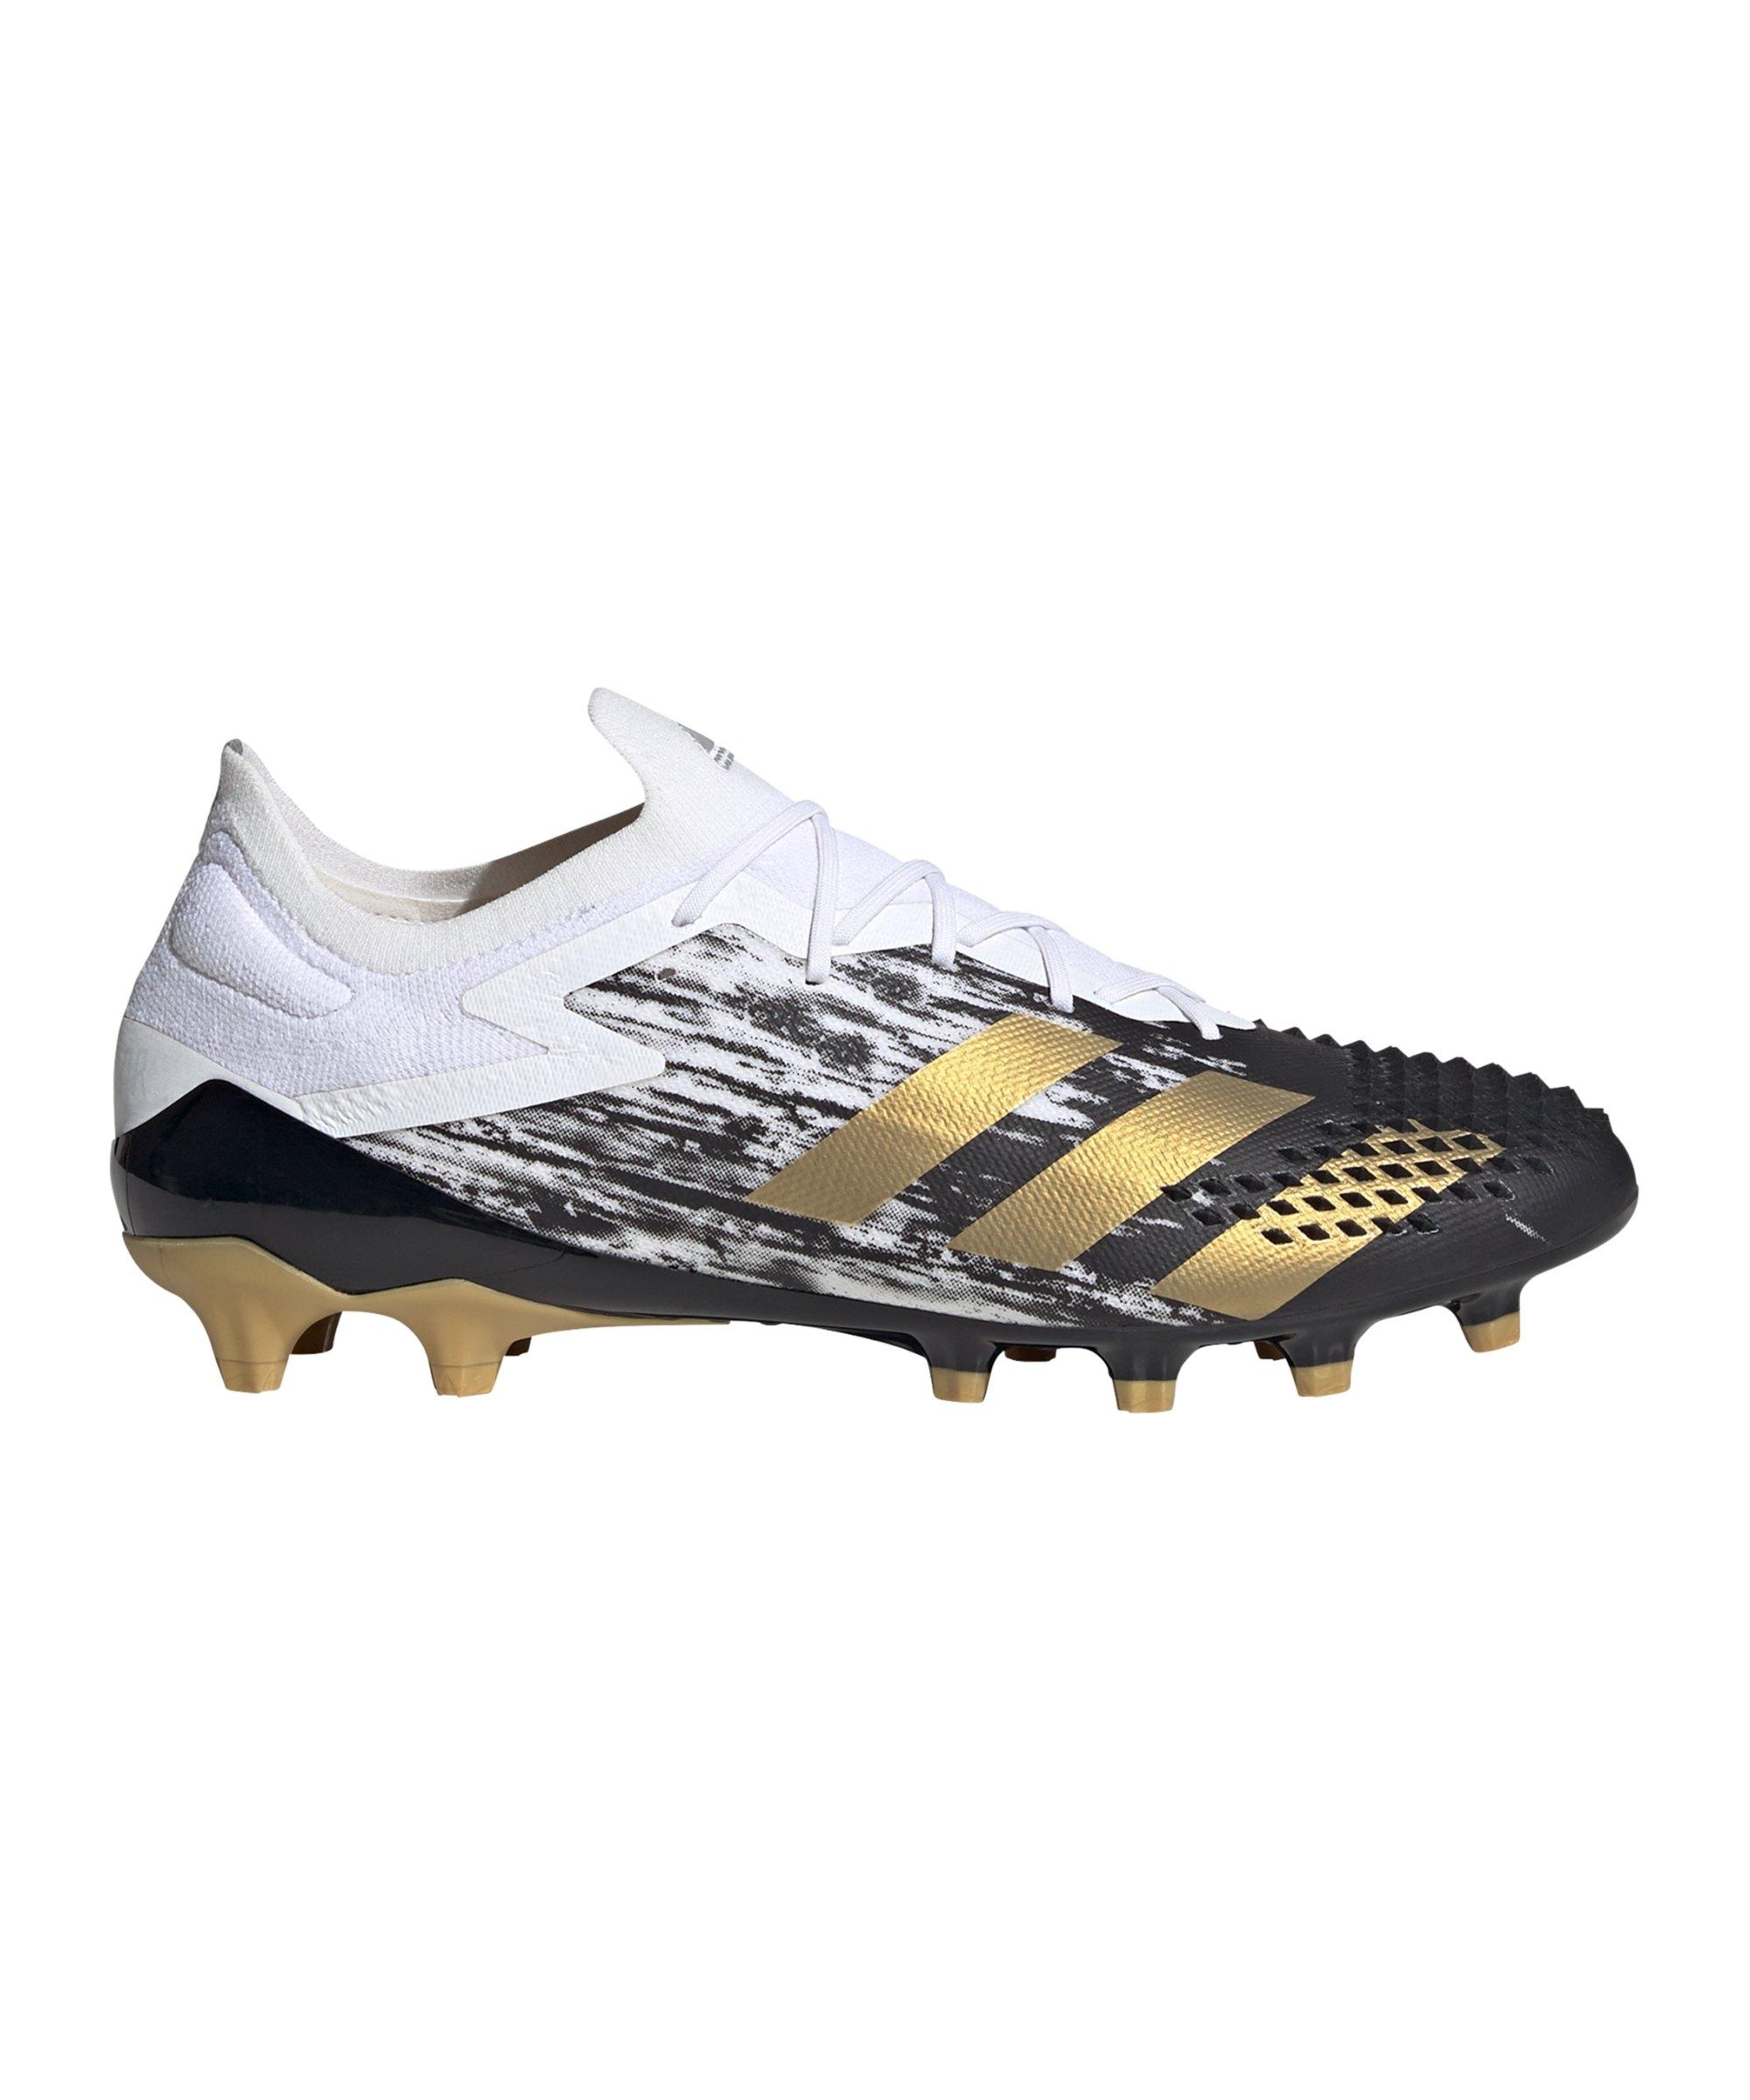 adidas Predator Inflight 20.1 L AG Weiss Gold - weiss